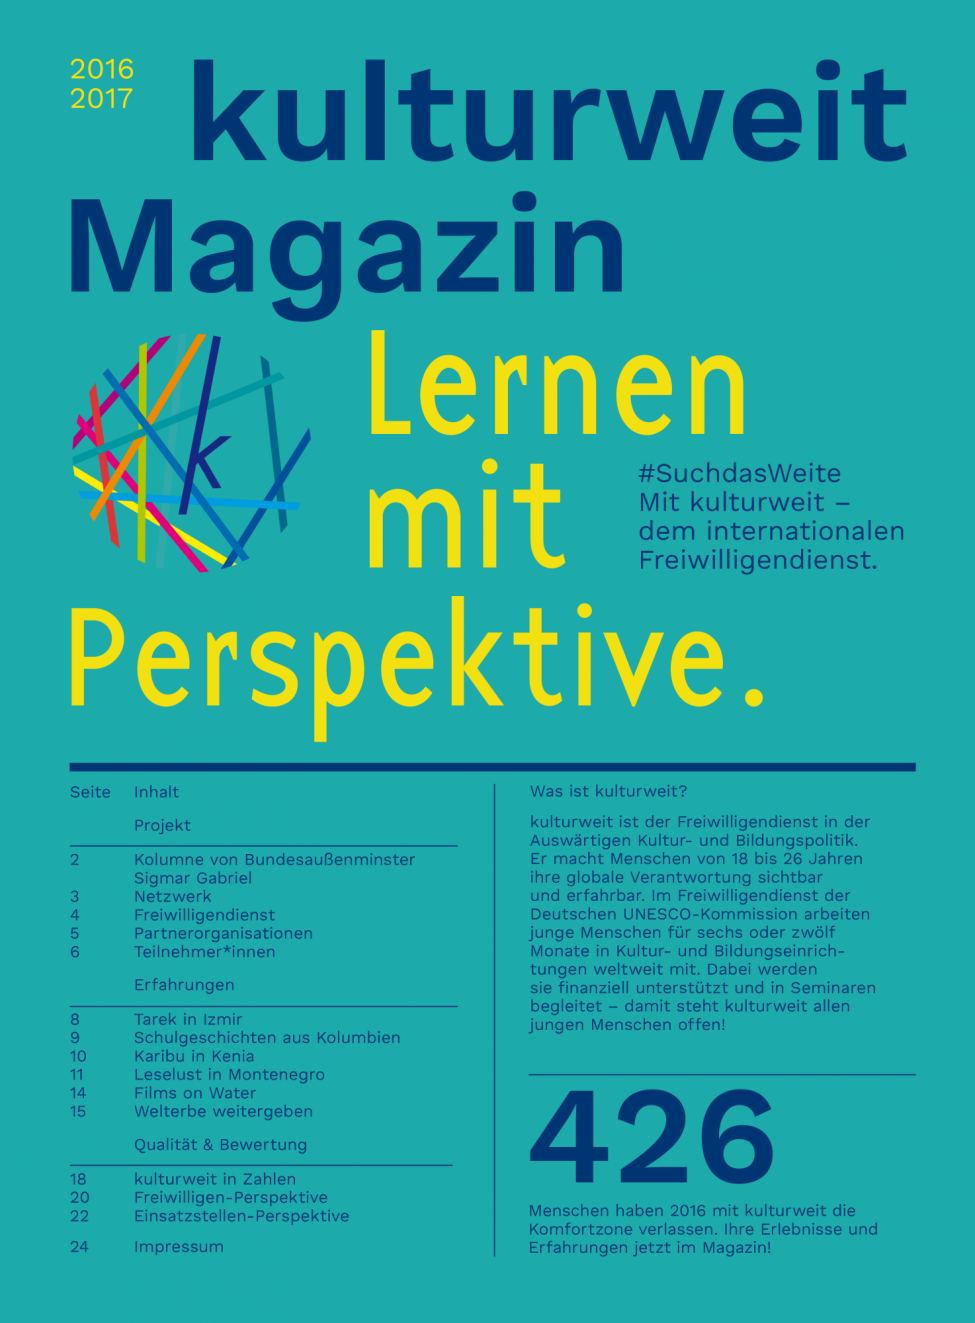 Titelbild des kulturweit-Magazins 2016/2017